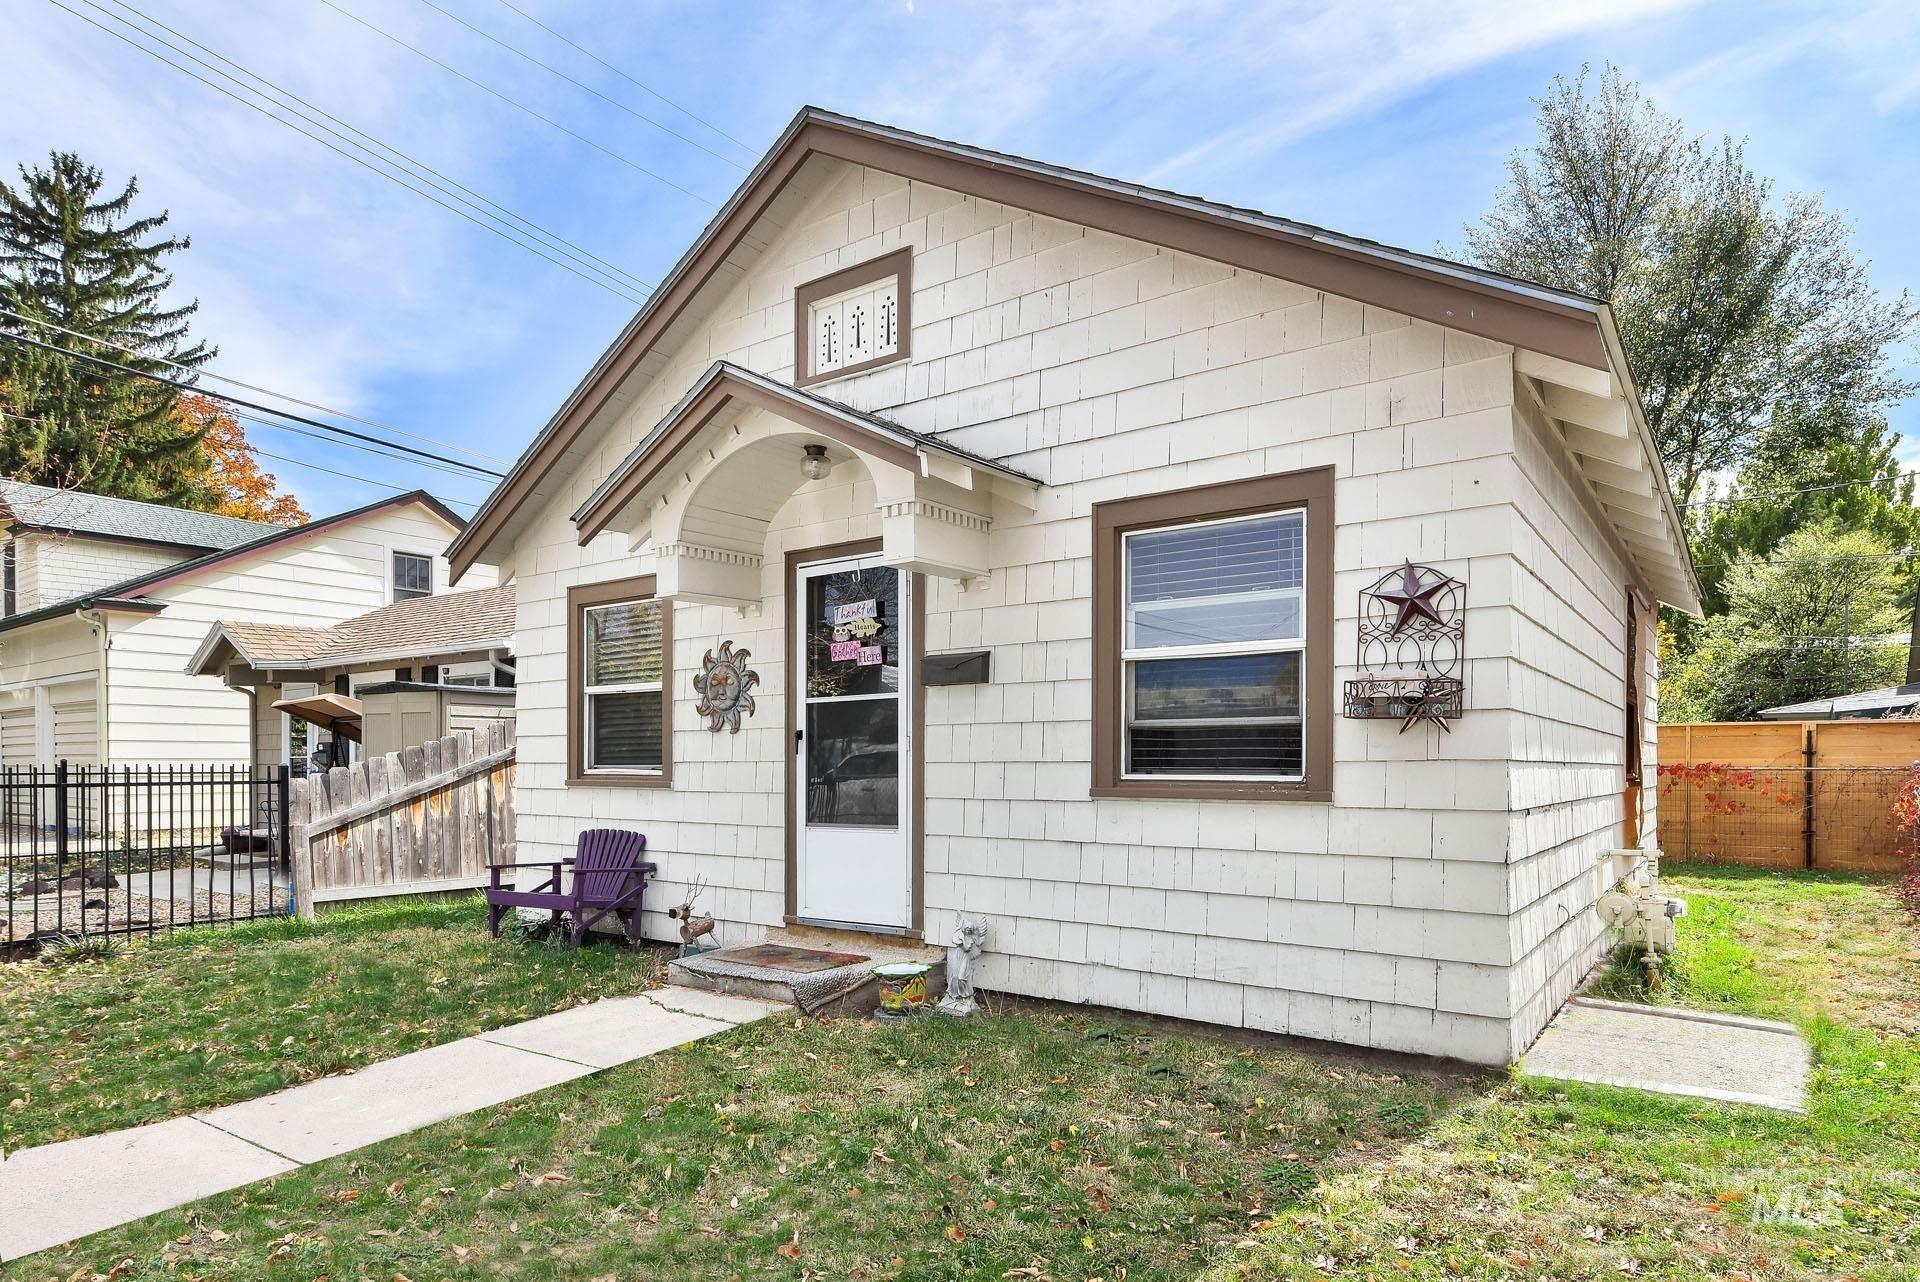 Photo of 1315 W Alturas, Boise, ID 83702 (MLS # 98823169)